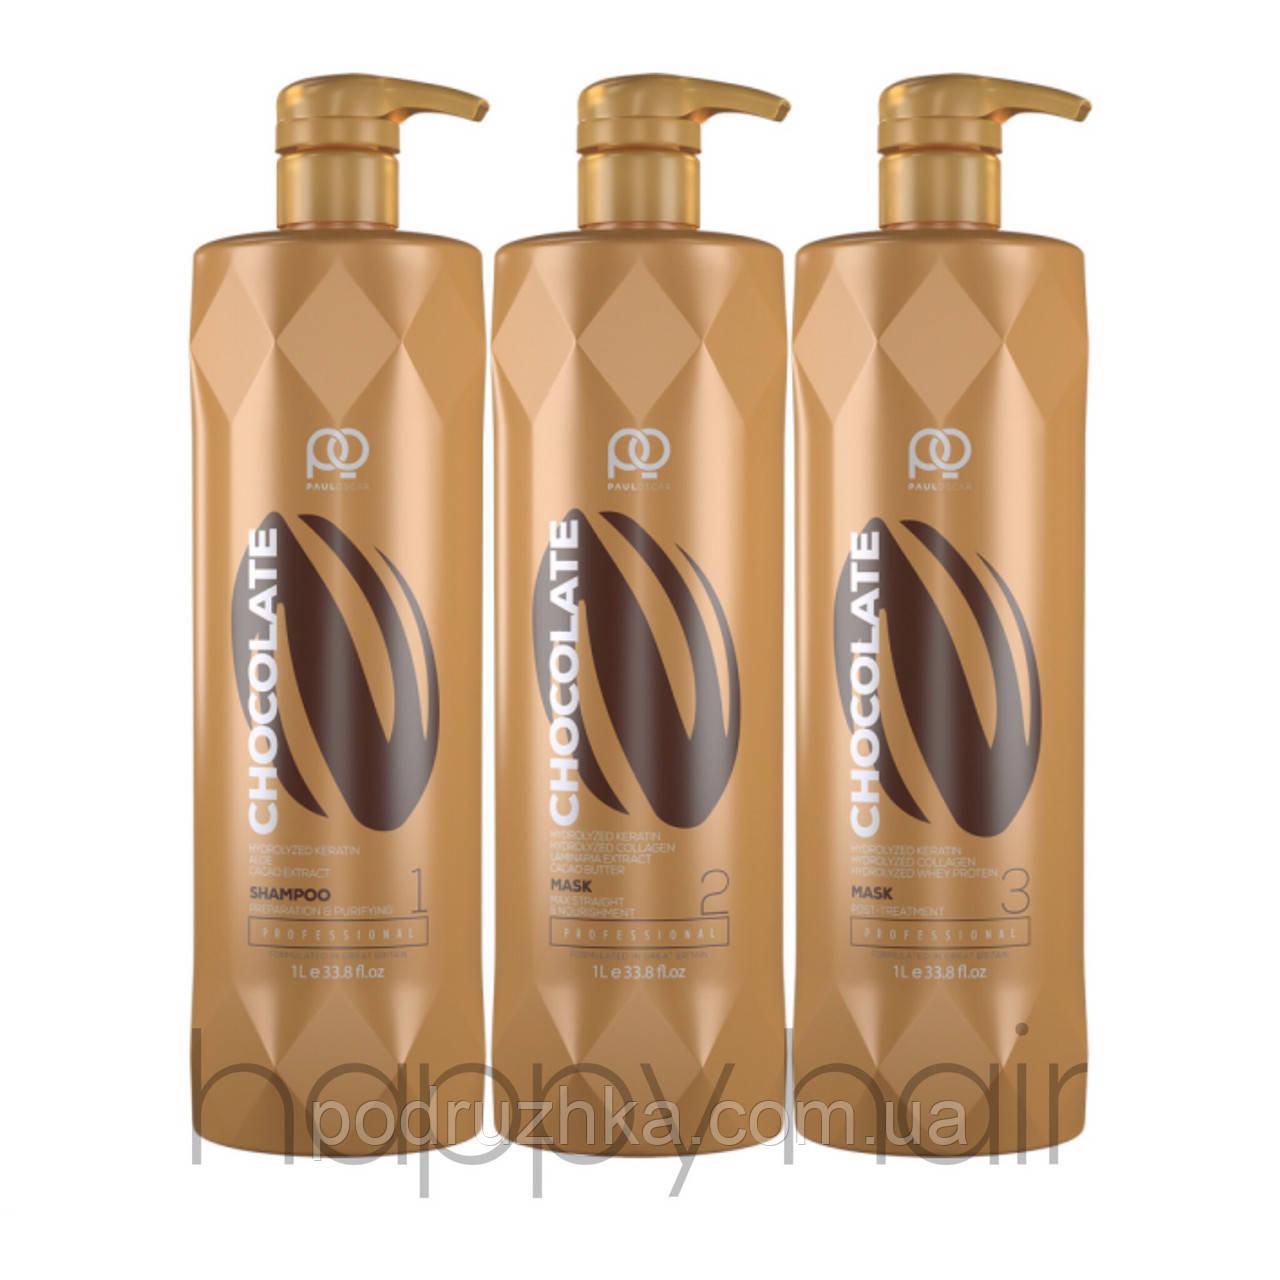 Paul Oscar Chocolate Max Straight Набор для кератинового выпрямления 3x500 мл